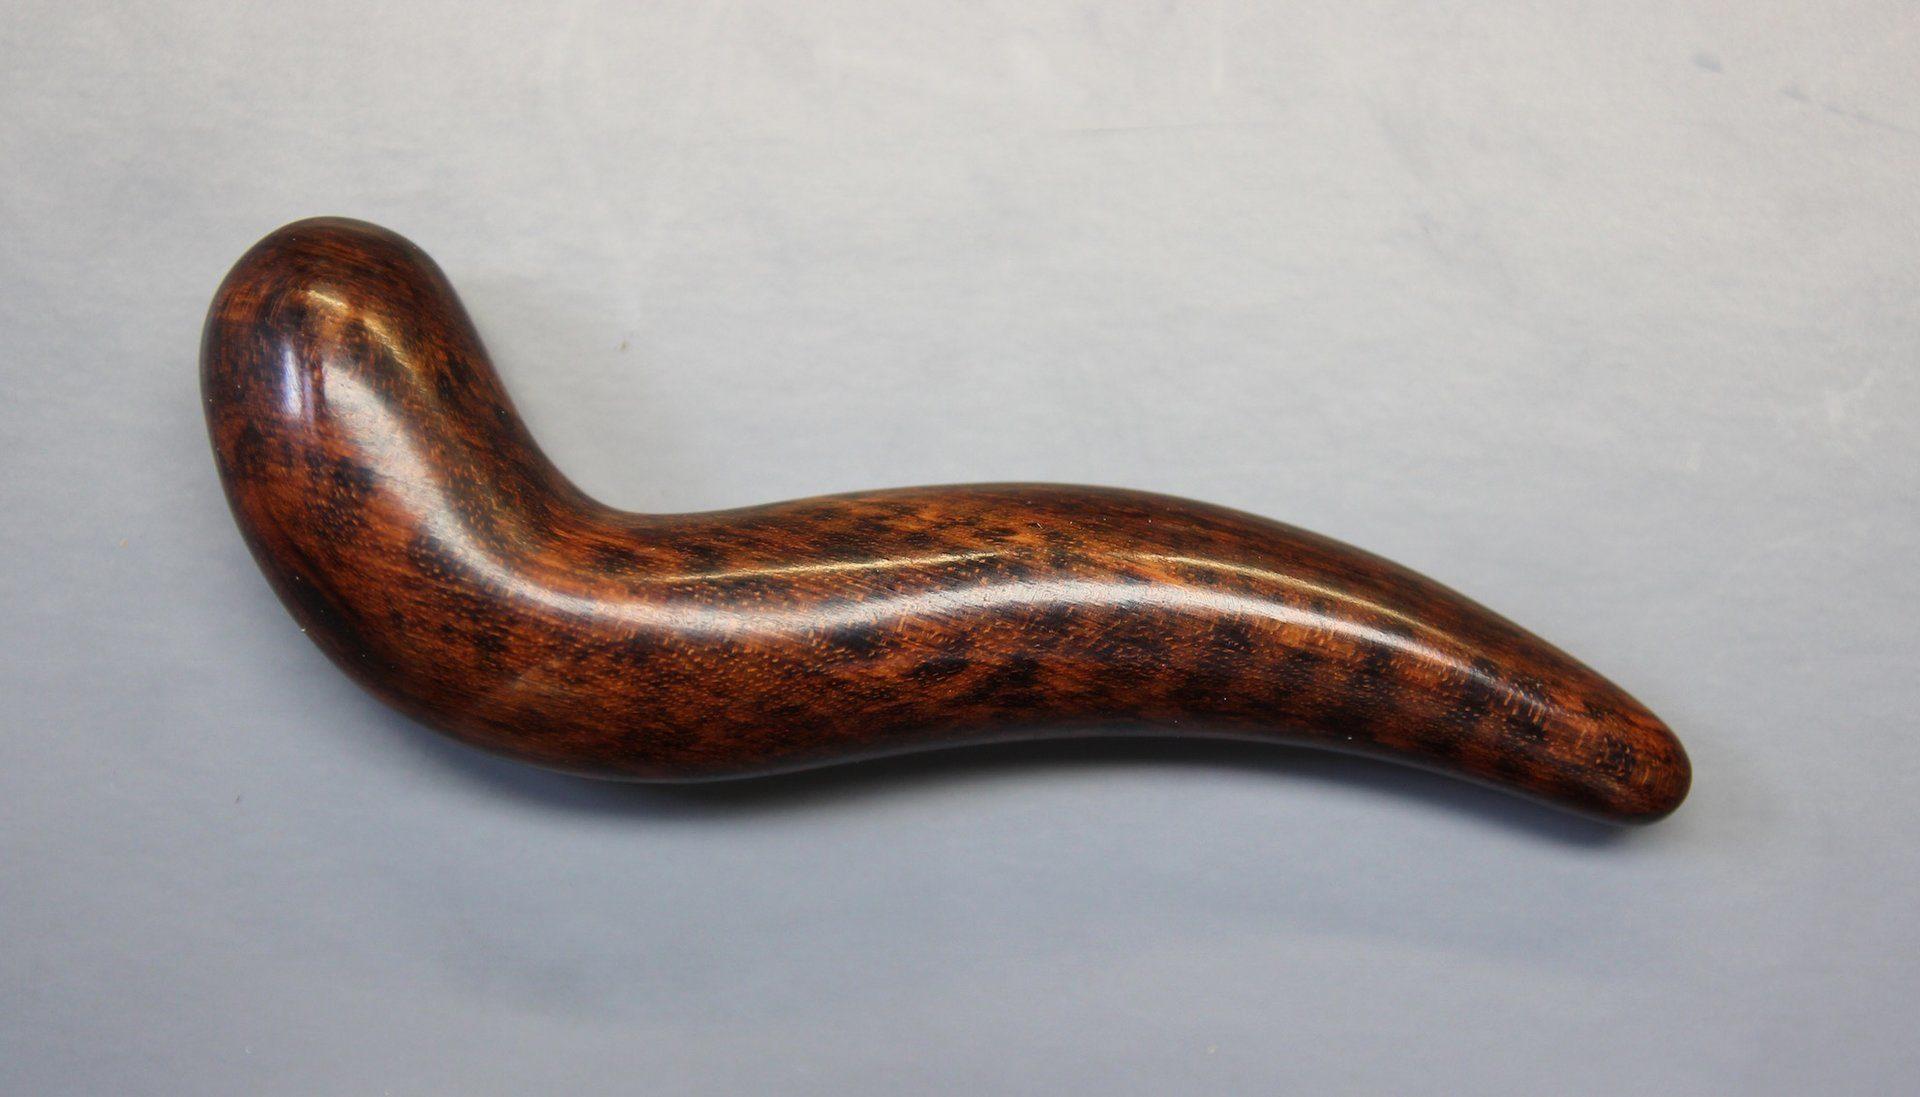 handstutze fagott schlangenholz